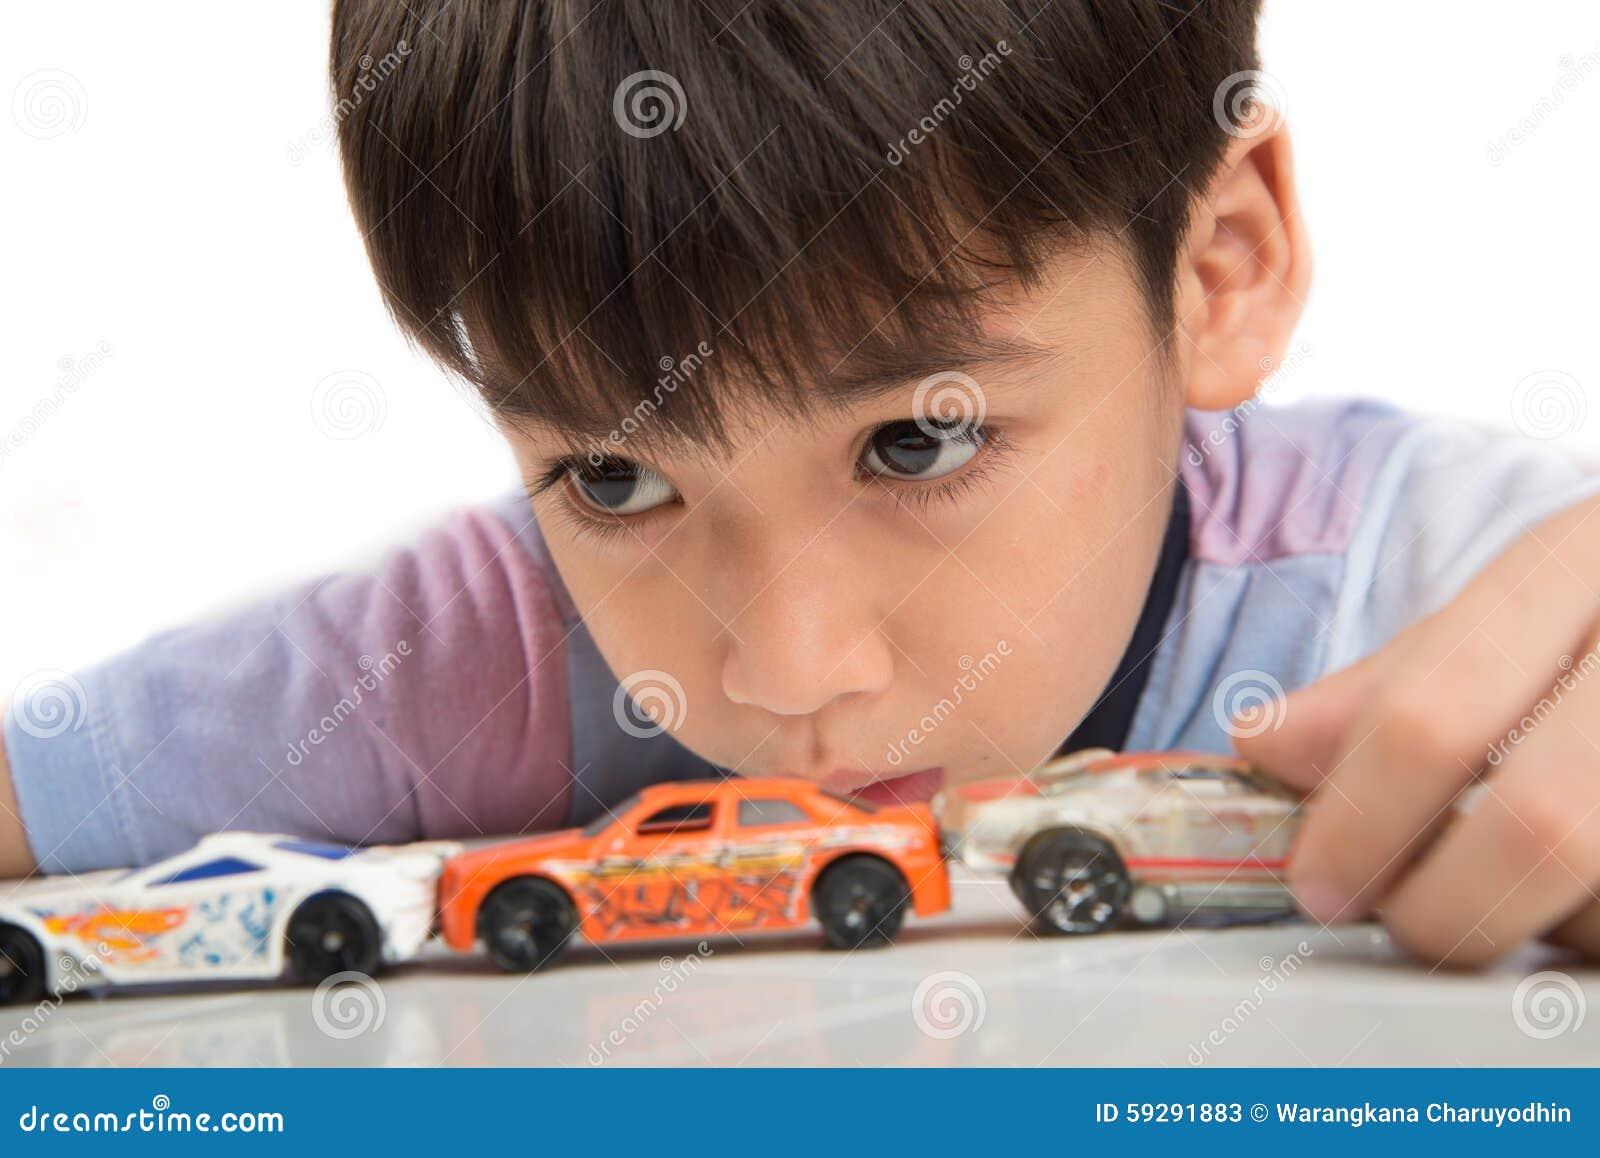 Мальчик играя с игрушкой автомобиля на таблице самостоятельно